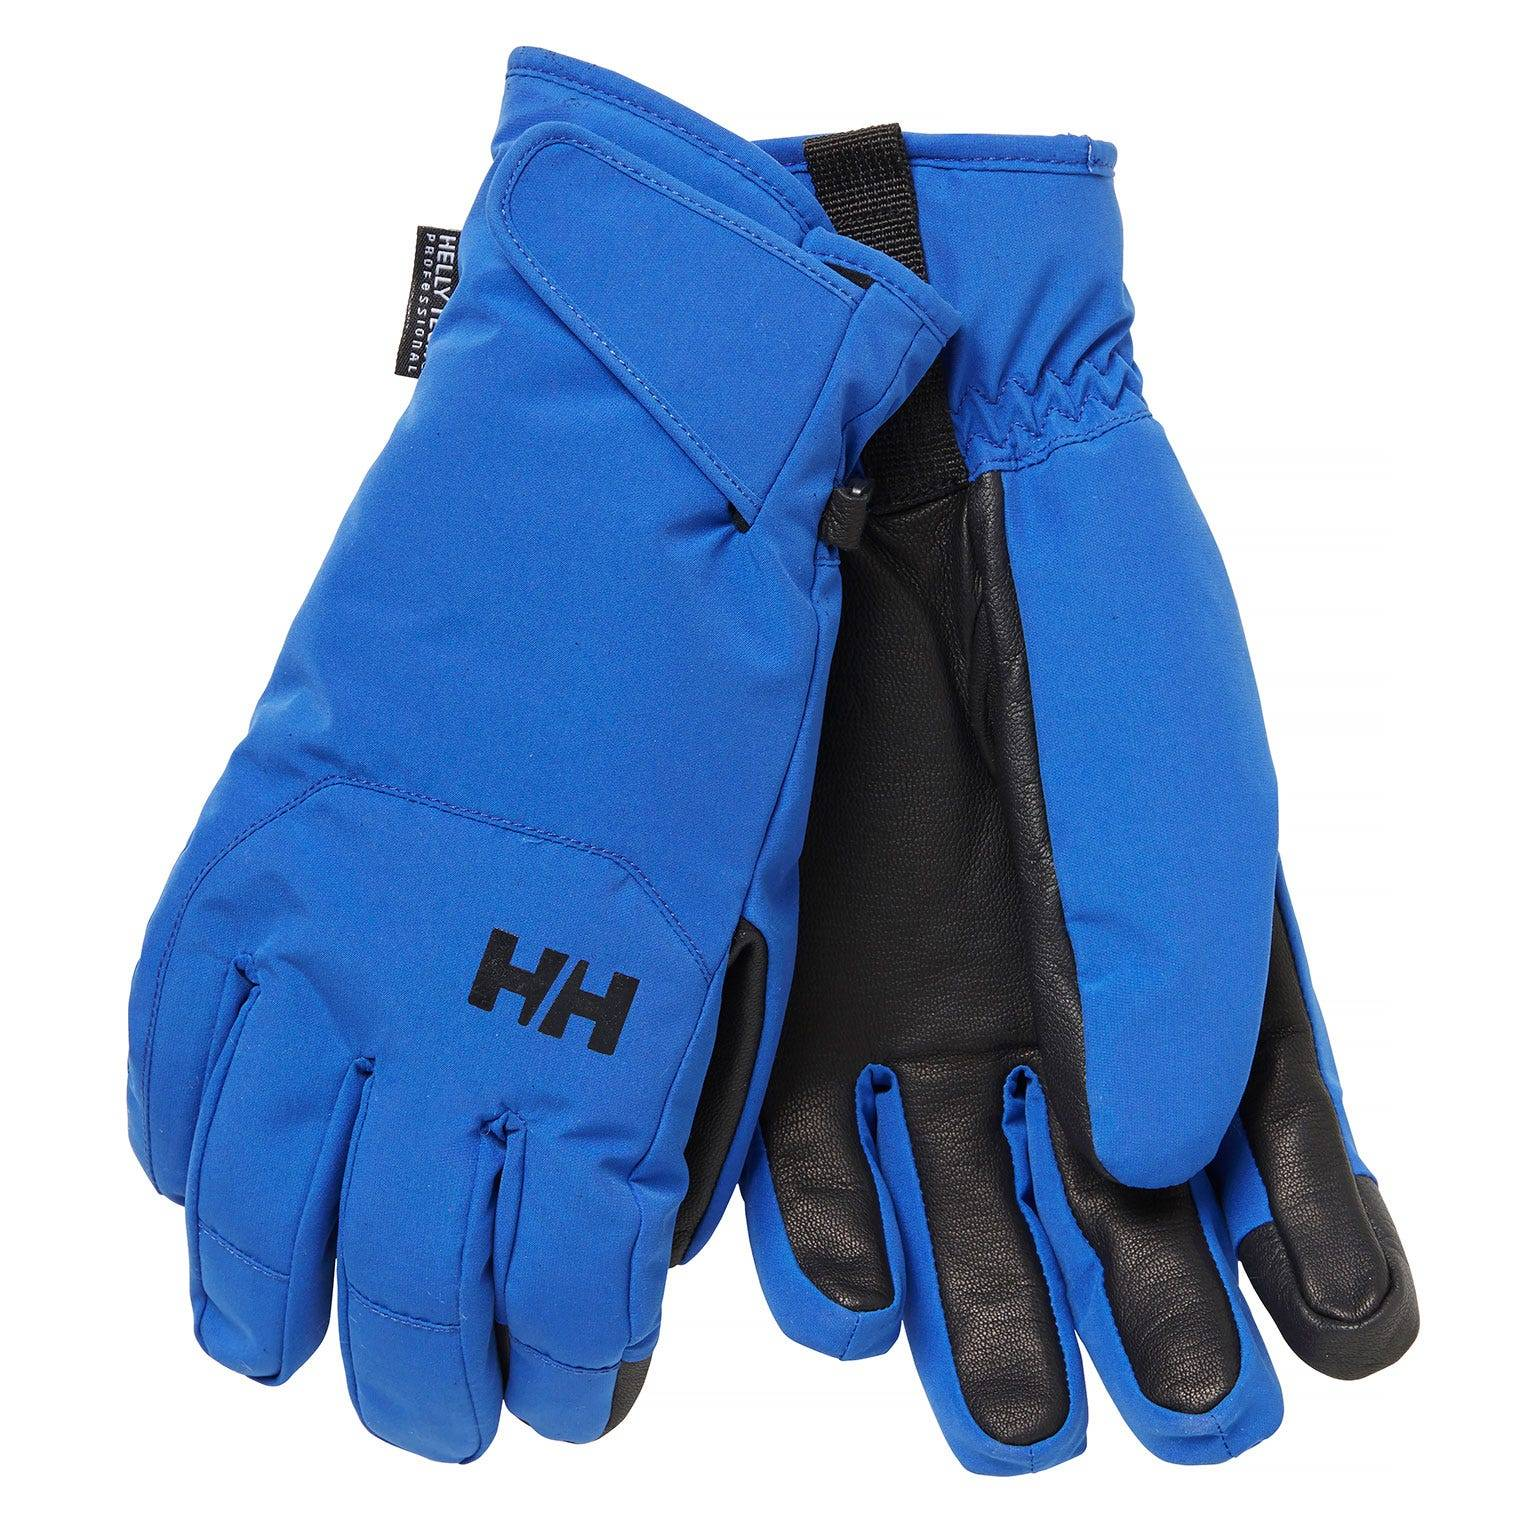 Helly Hansen Swift Ht Glove Mens Blue S